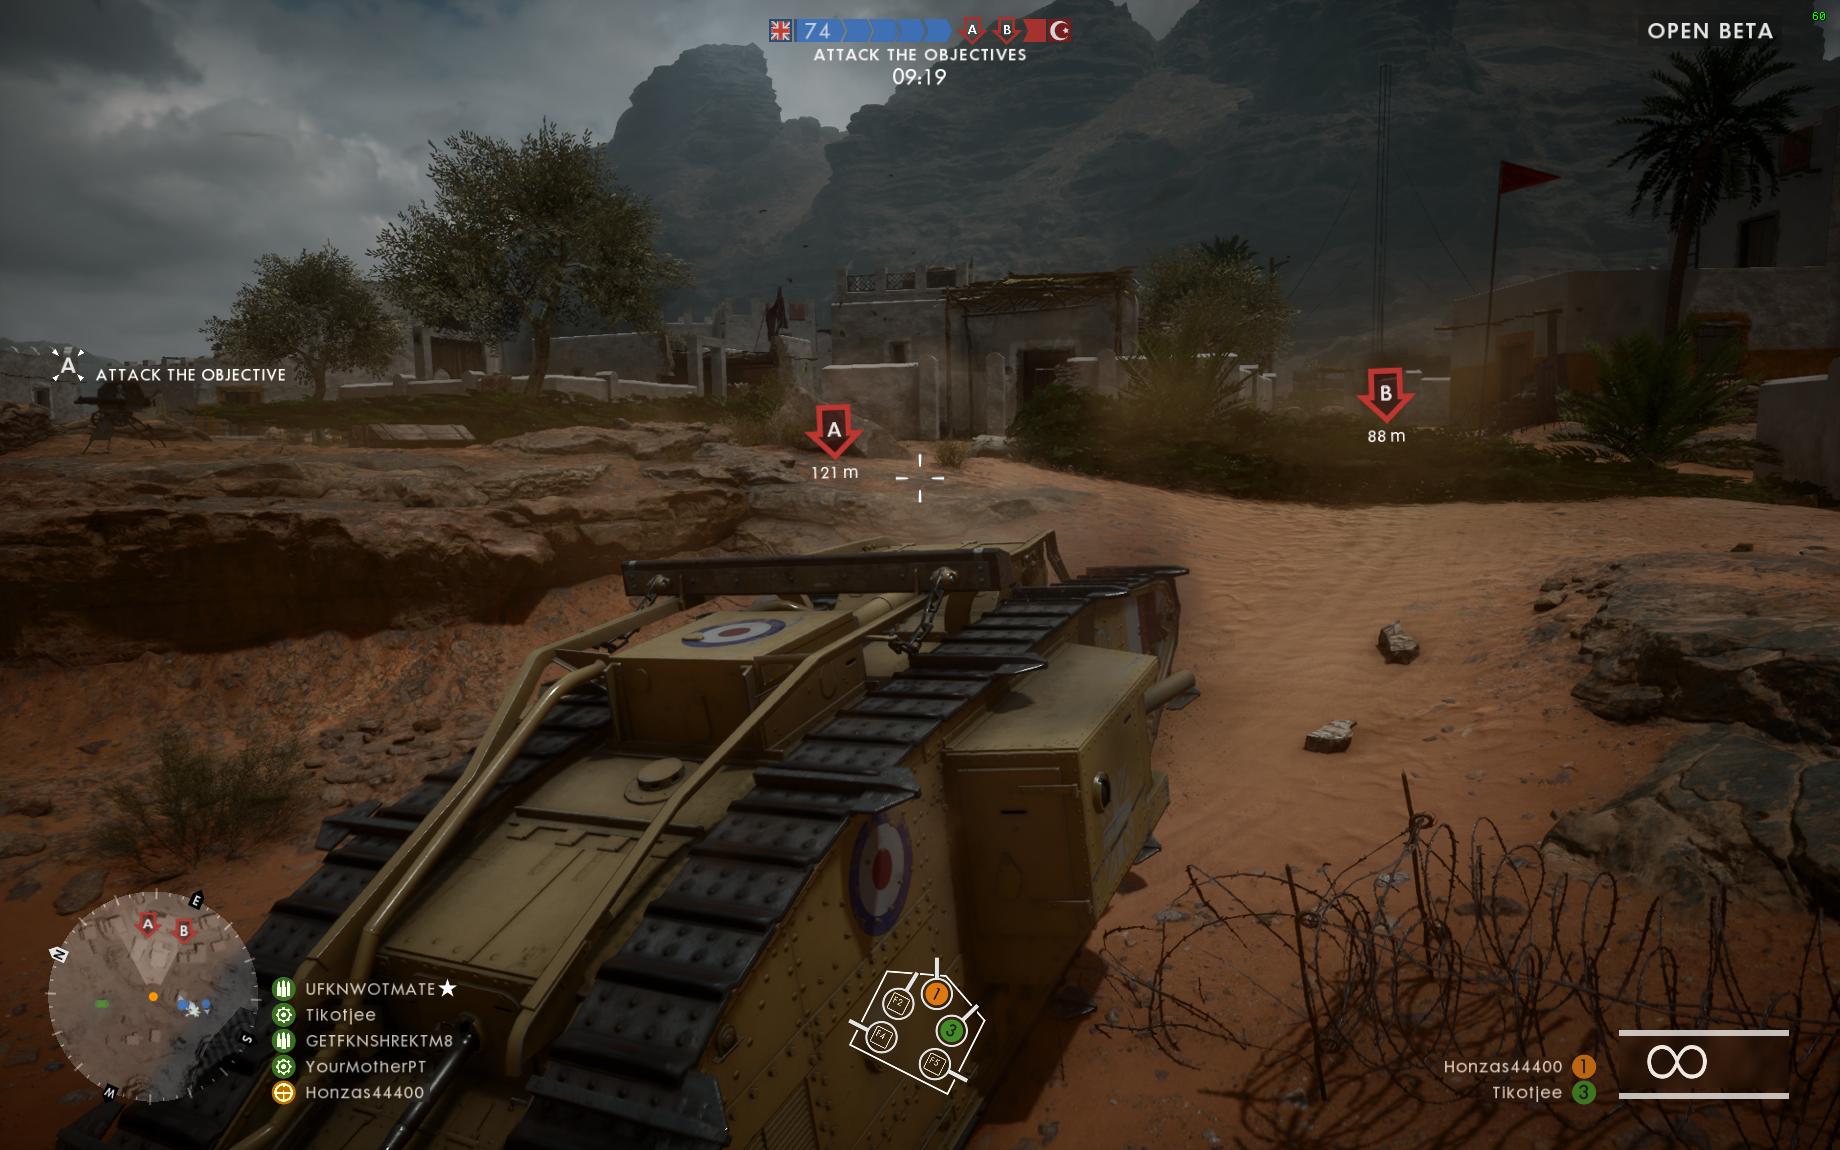 Dojmy z hraní otevřené bety Battlefield 1 129866